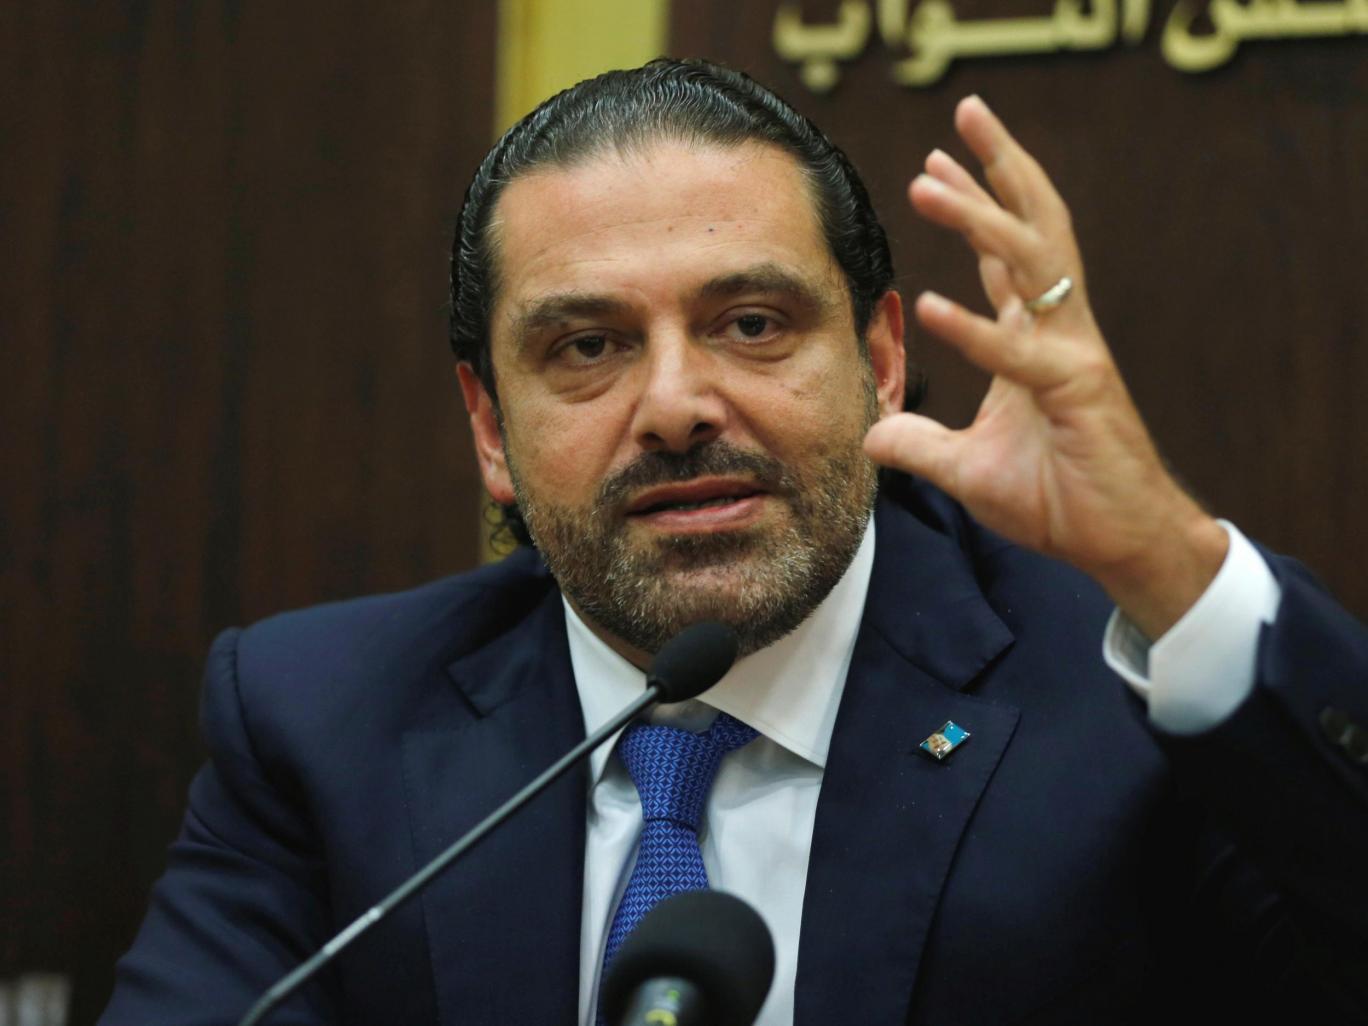 استعفای «سعد حریری» و ارتباط آن با بحرانهای منطقه